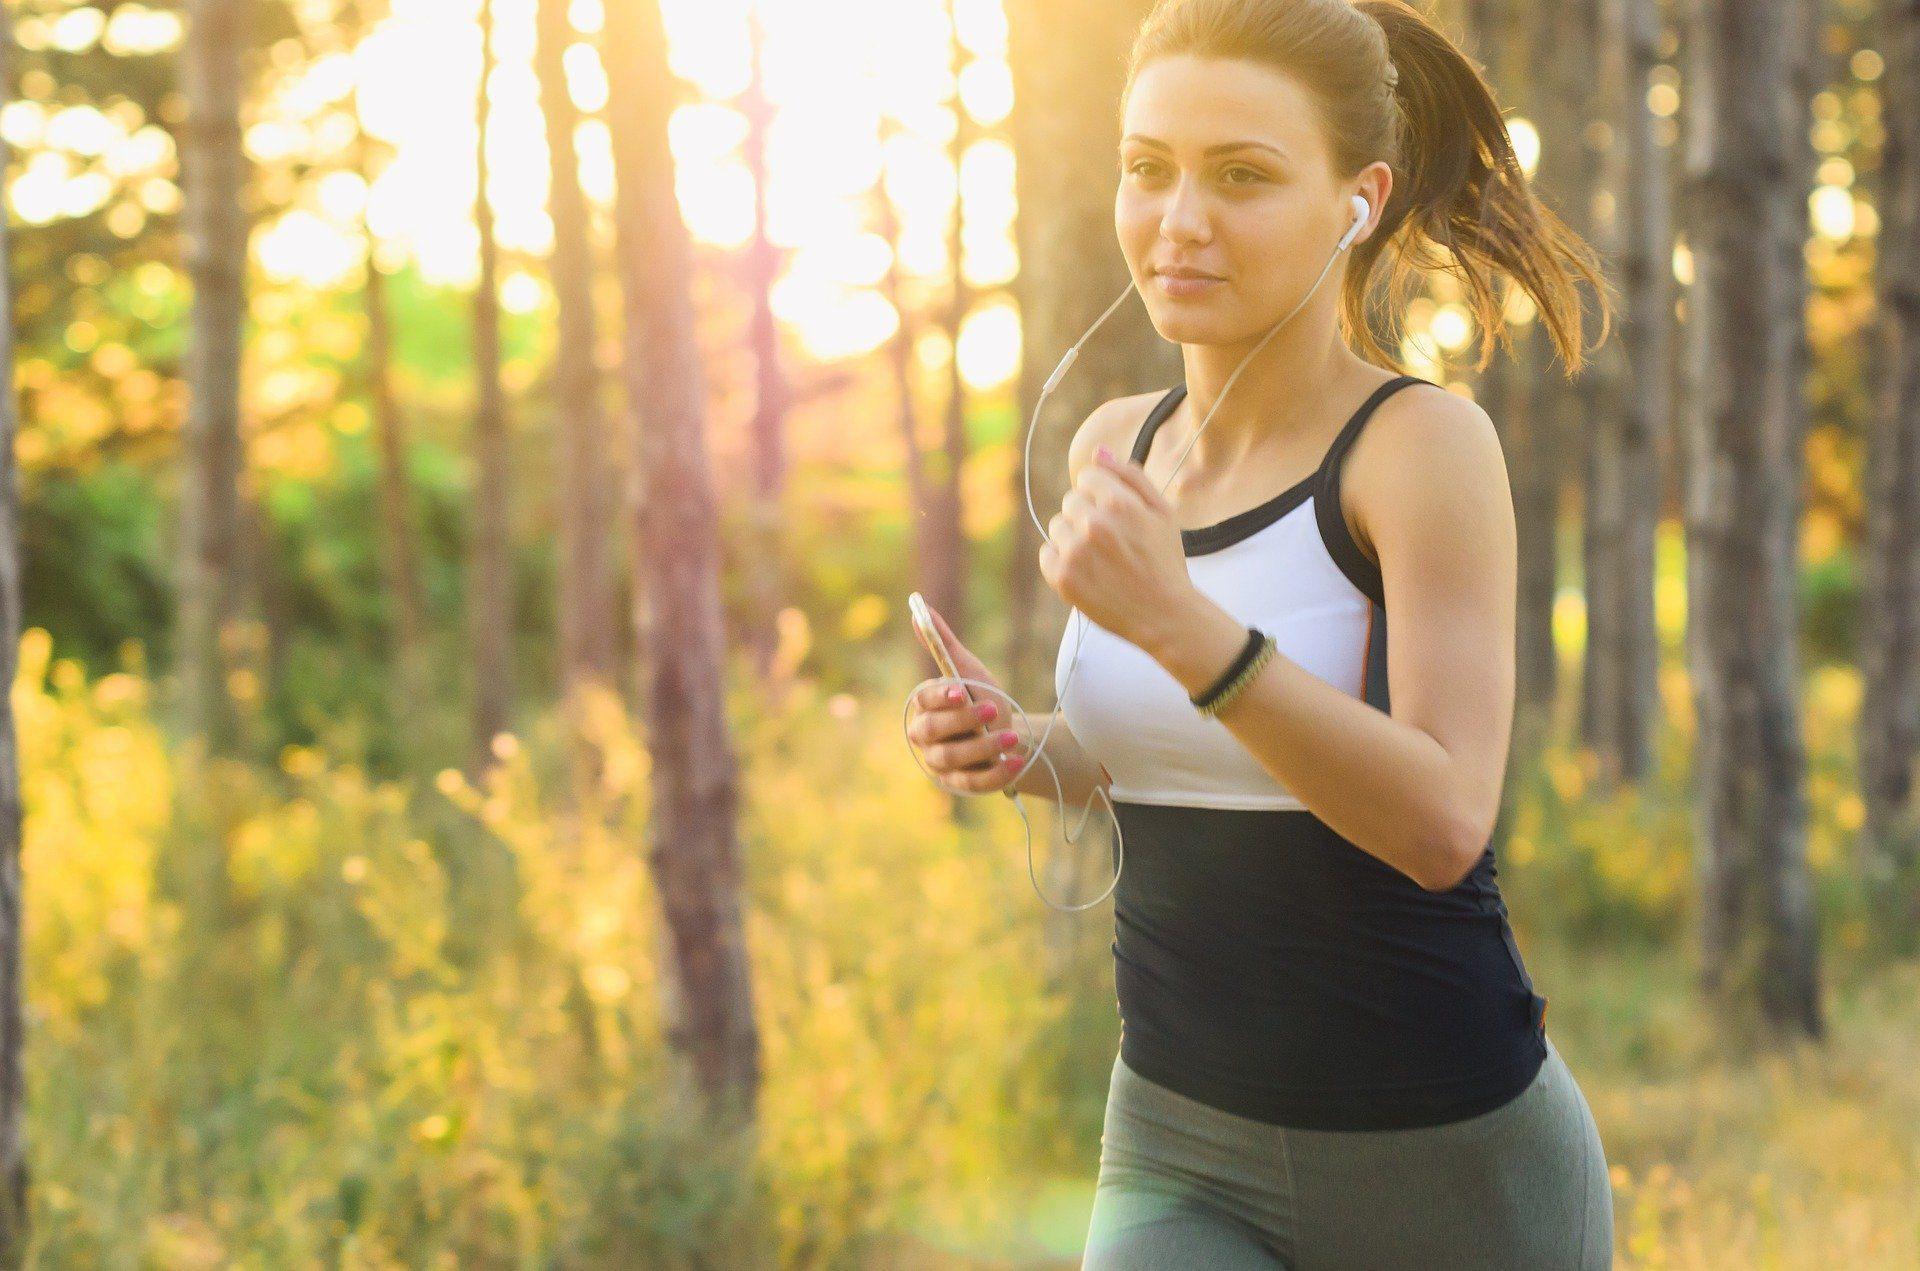 Оздоровительный бег. Контроль интенсивности